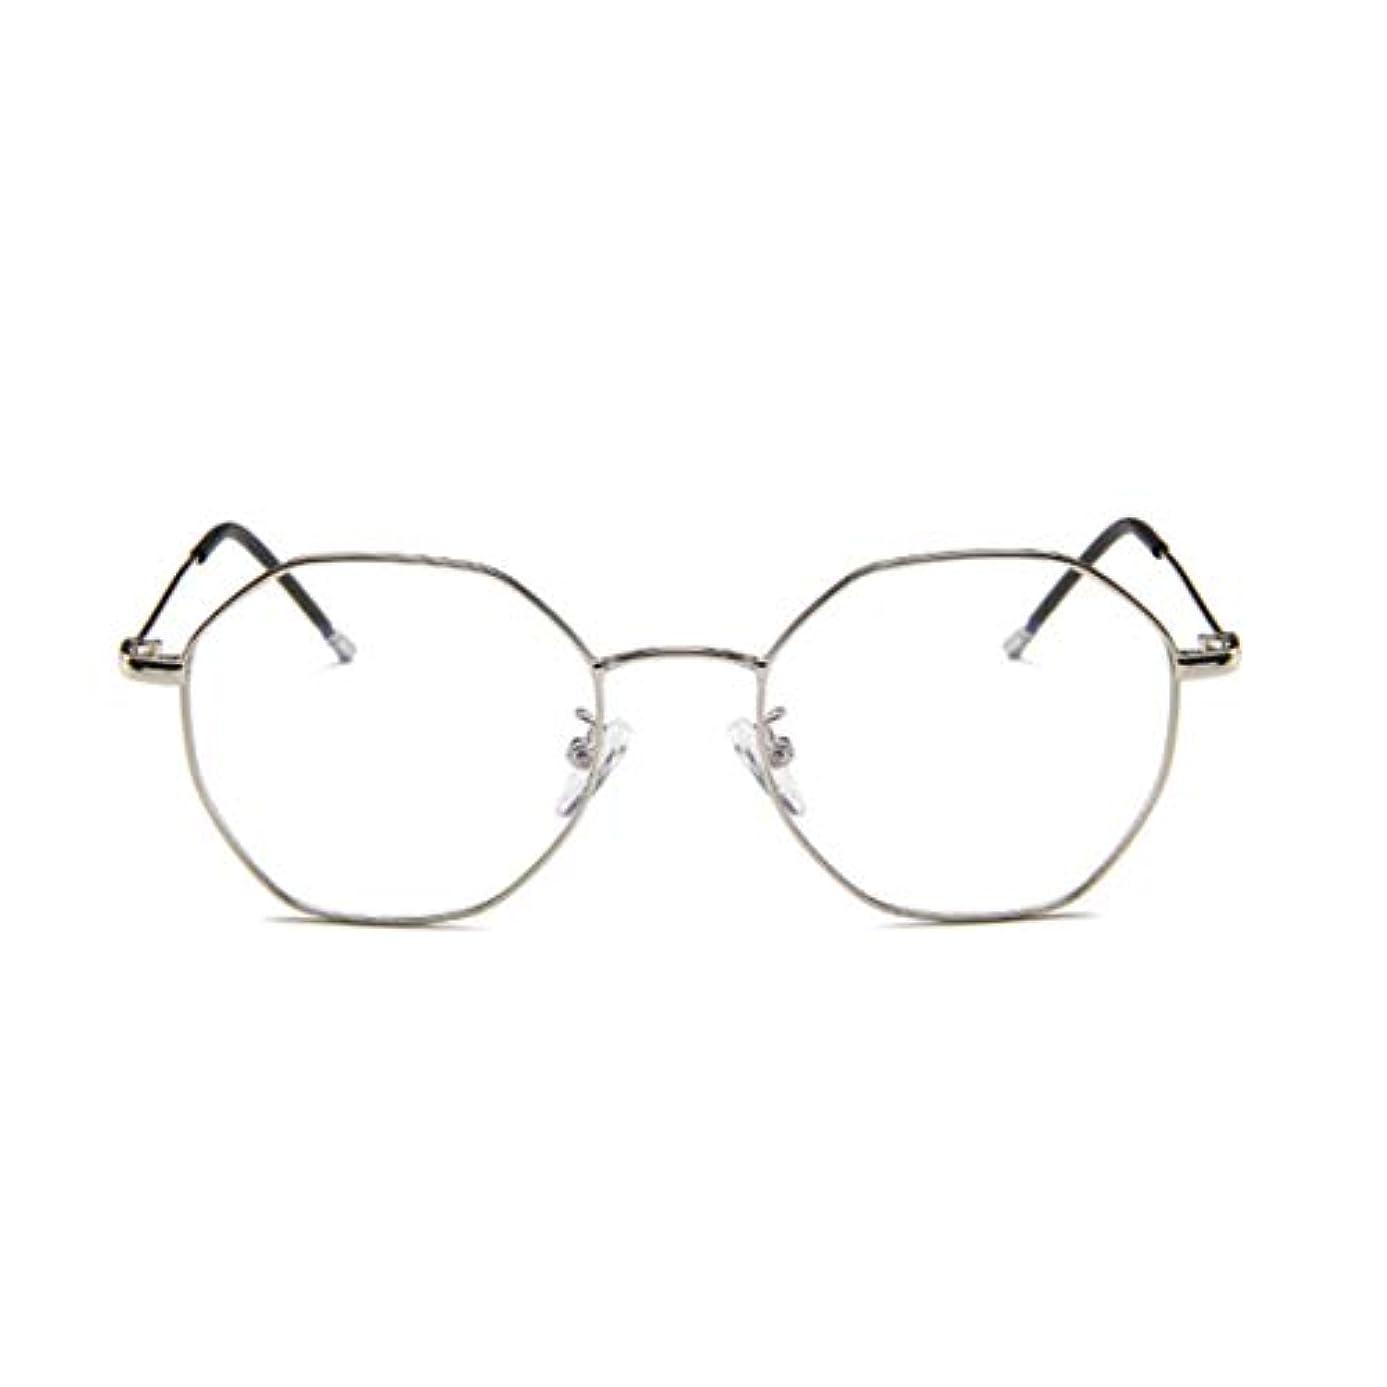 ふける神経障害桃ファッションメガネ近視多角形フレーム韓国語版金属フレーム男性と女性のための不規則なフラットグラス-スライバー